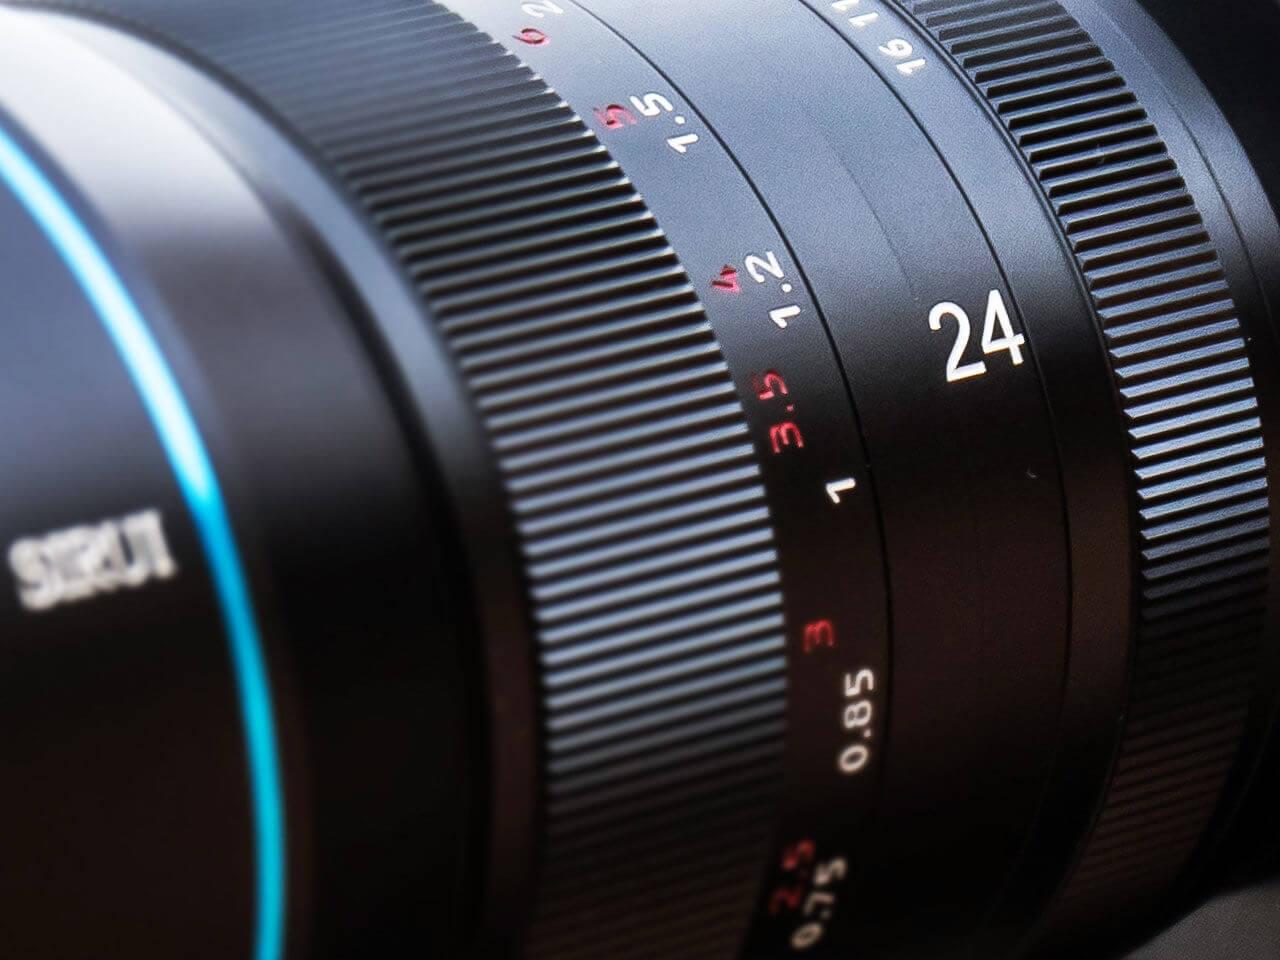 Sirui 24mm f2.8 Anamorphic 7